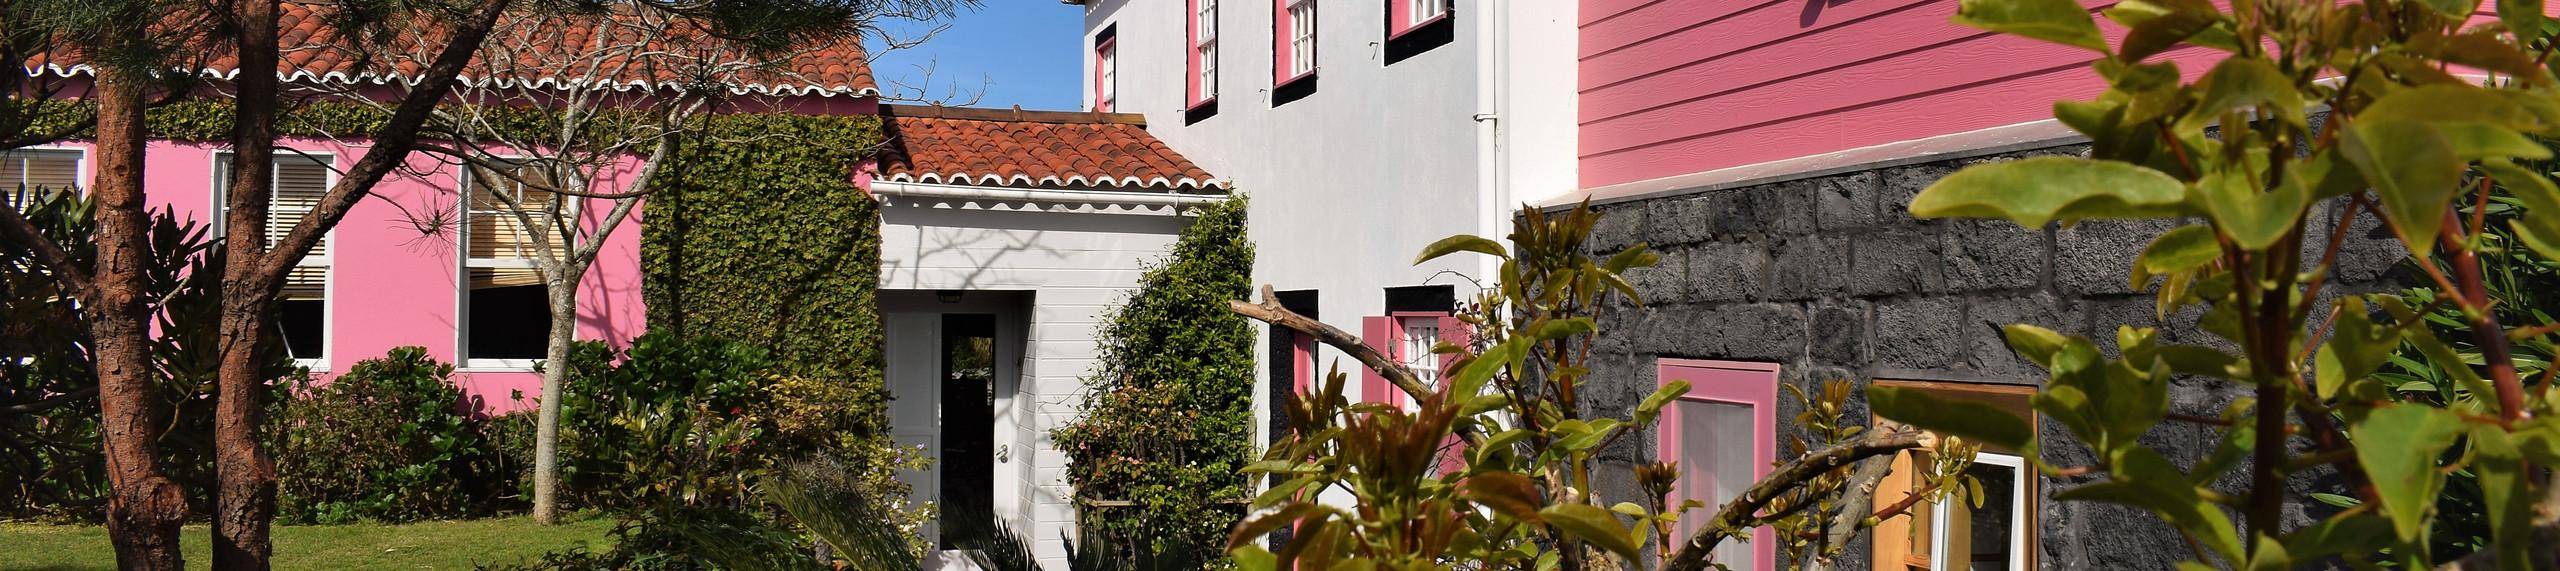 Quinta da Meia Eira - prédio Principal